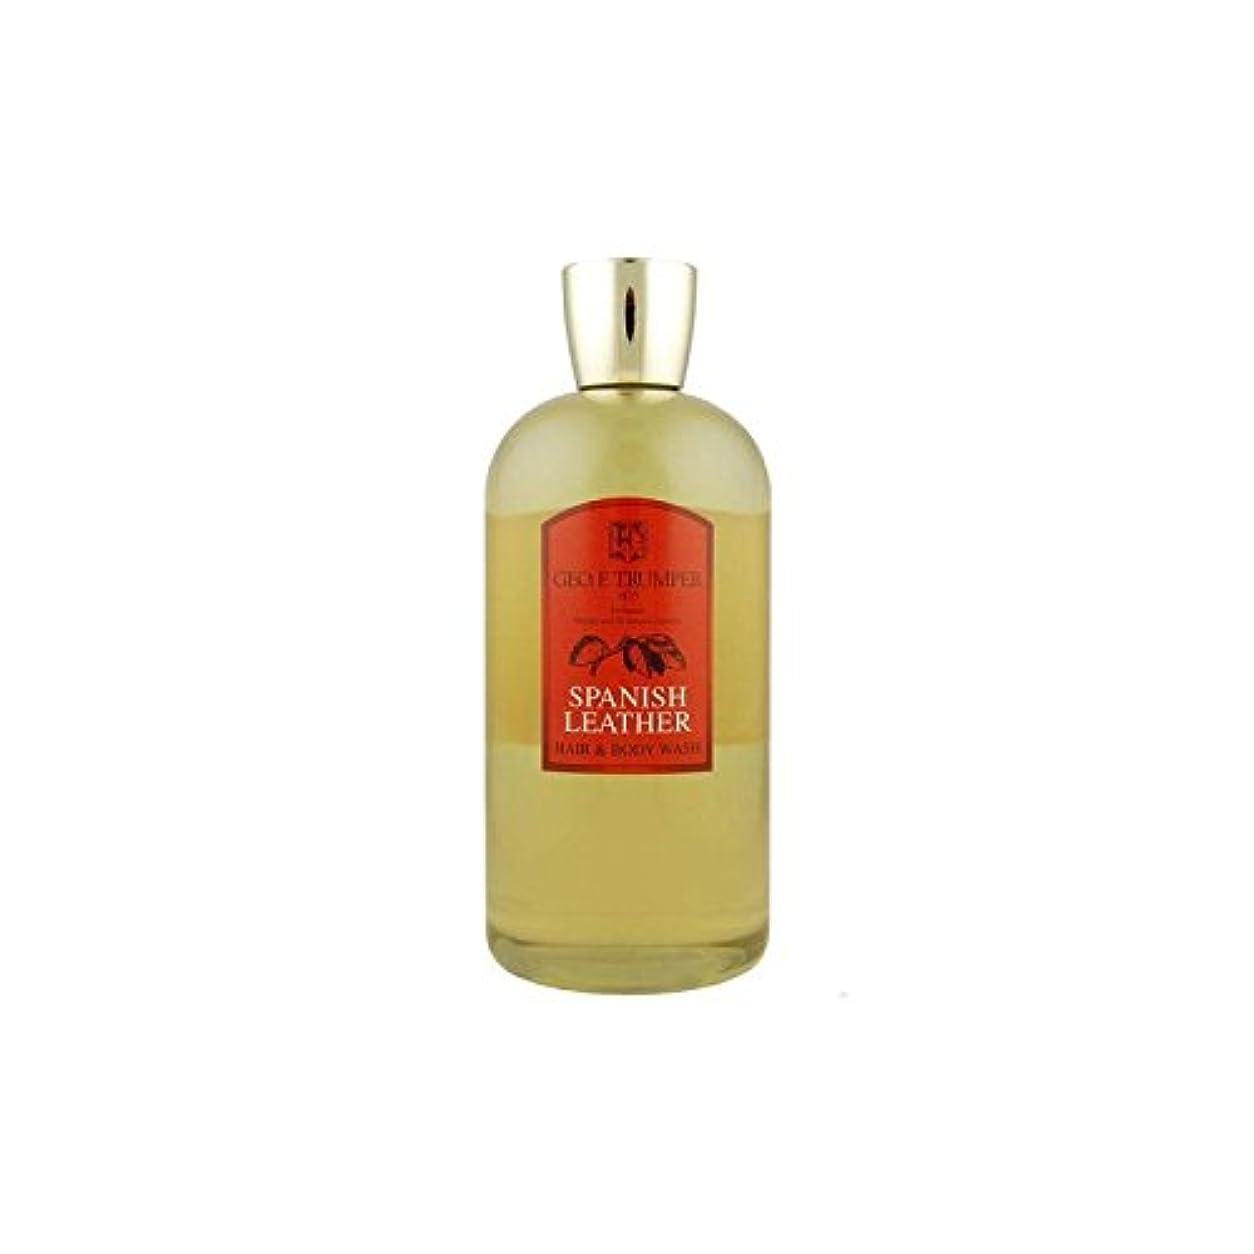 乳白色ピンクモンスター革の髪とボディウォッシュスペイン語 - 500ボトル x2 - Trumpers Spanish Leather Hair and Body Wash - 500mlTravel Bottle (Pack of 2) [...